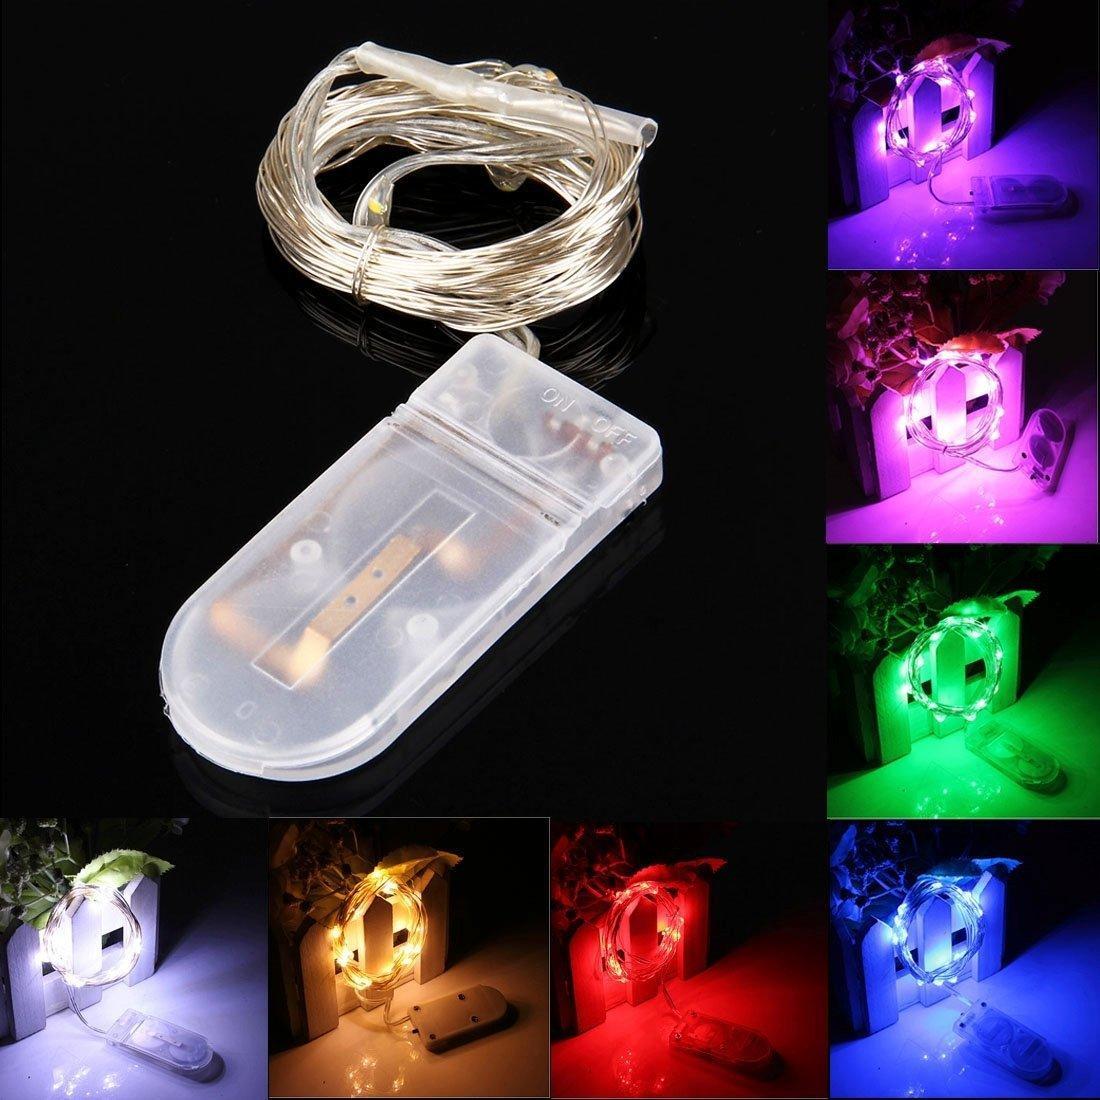 LED Dize Su Geçirmez Peri Işık CR2032 Pil Powered LED Mini Noel Işık Bakır Tel Dize Işık Düğün Xmas Garland Parti için